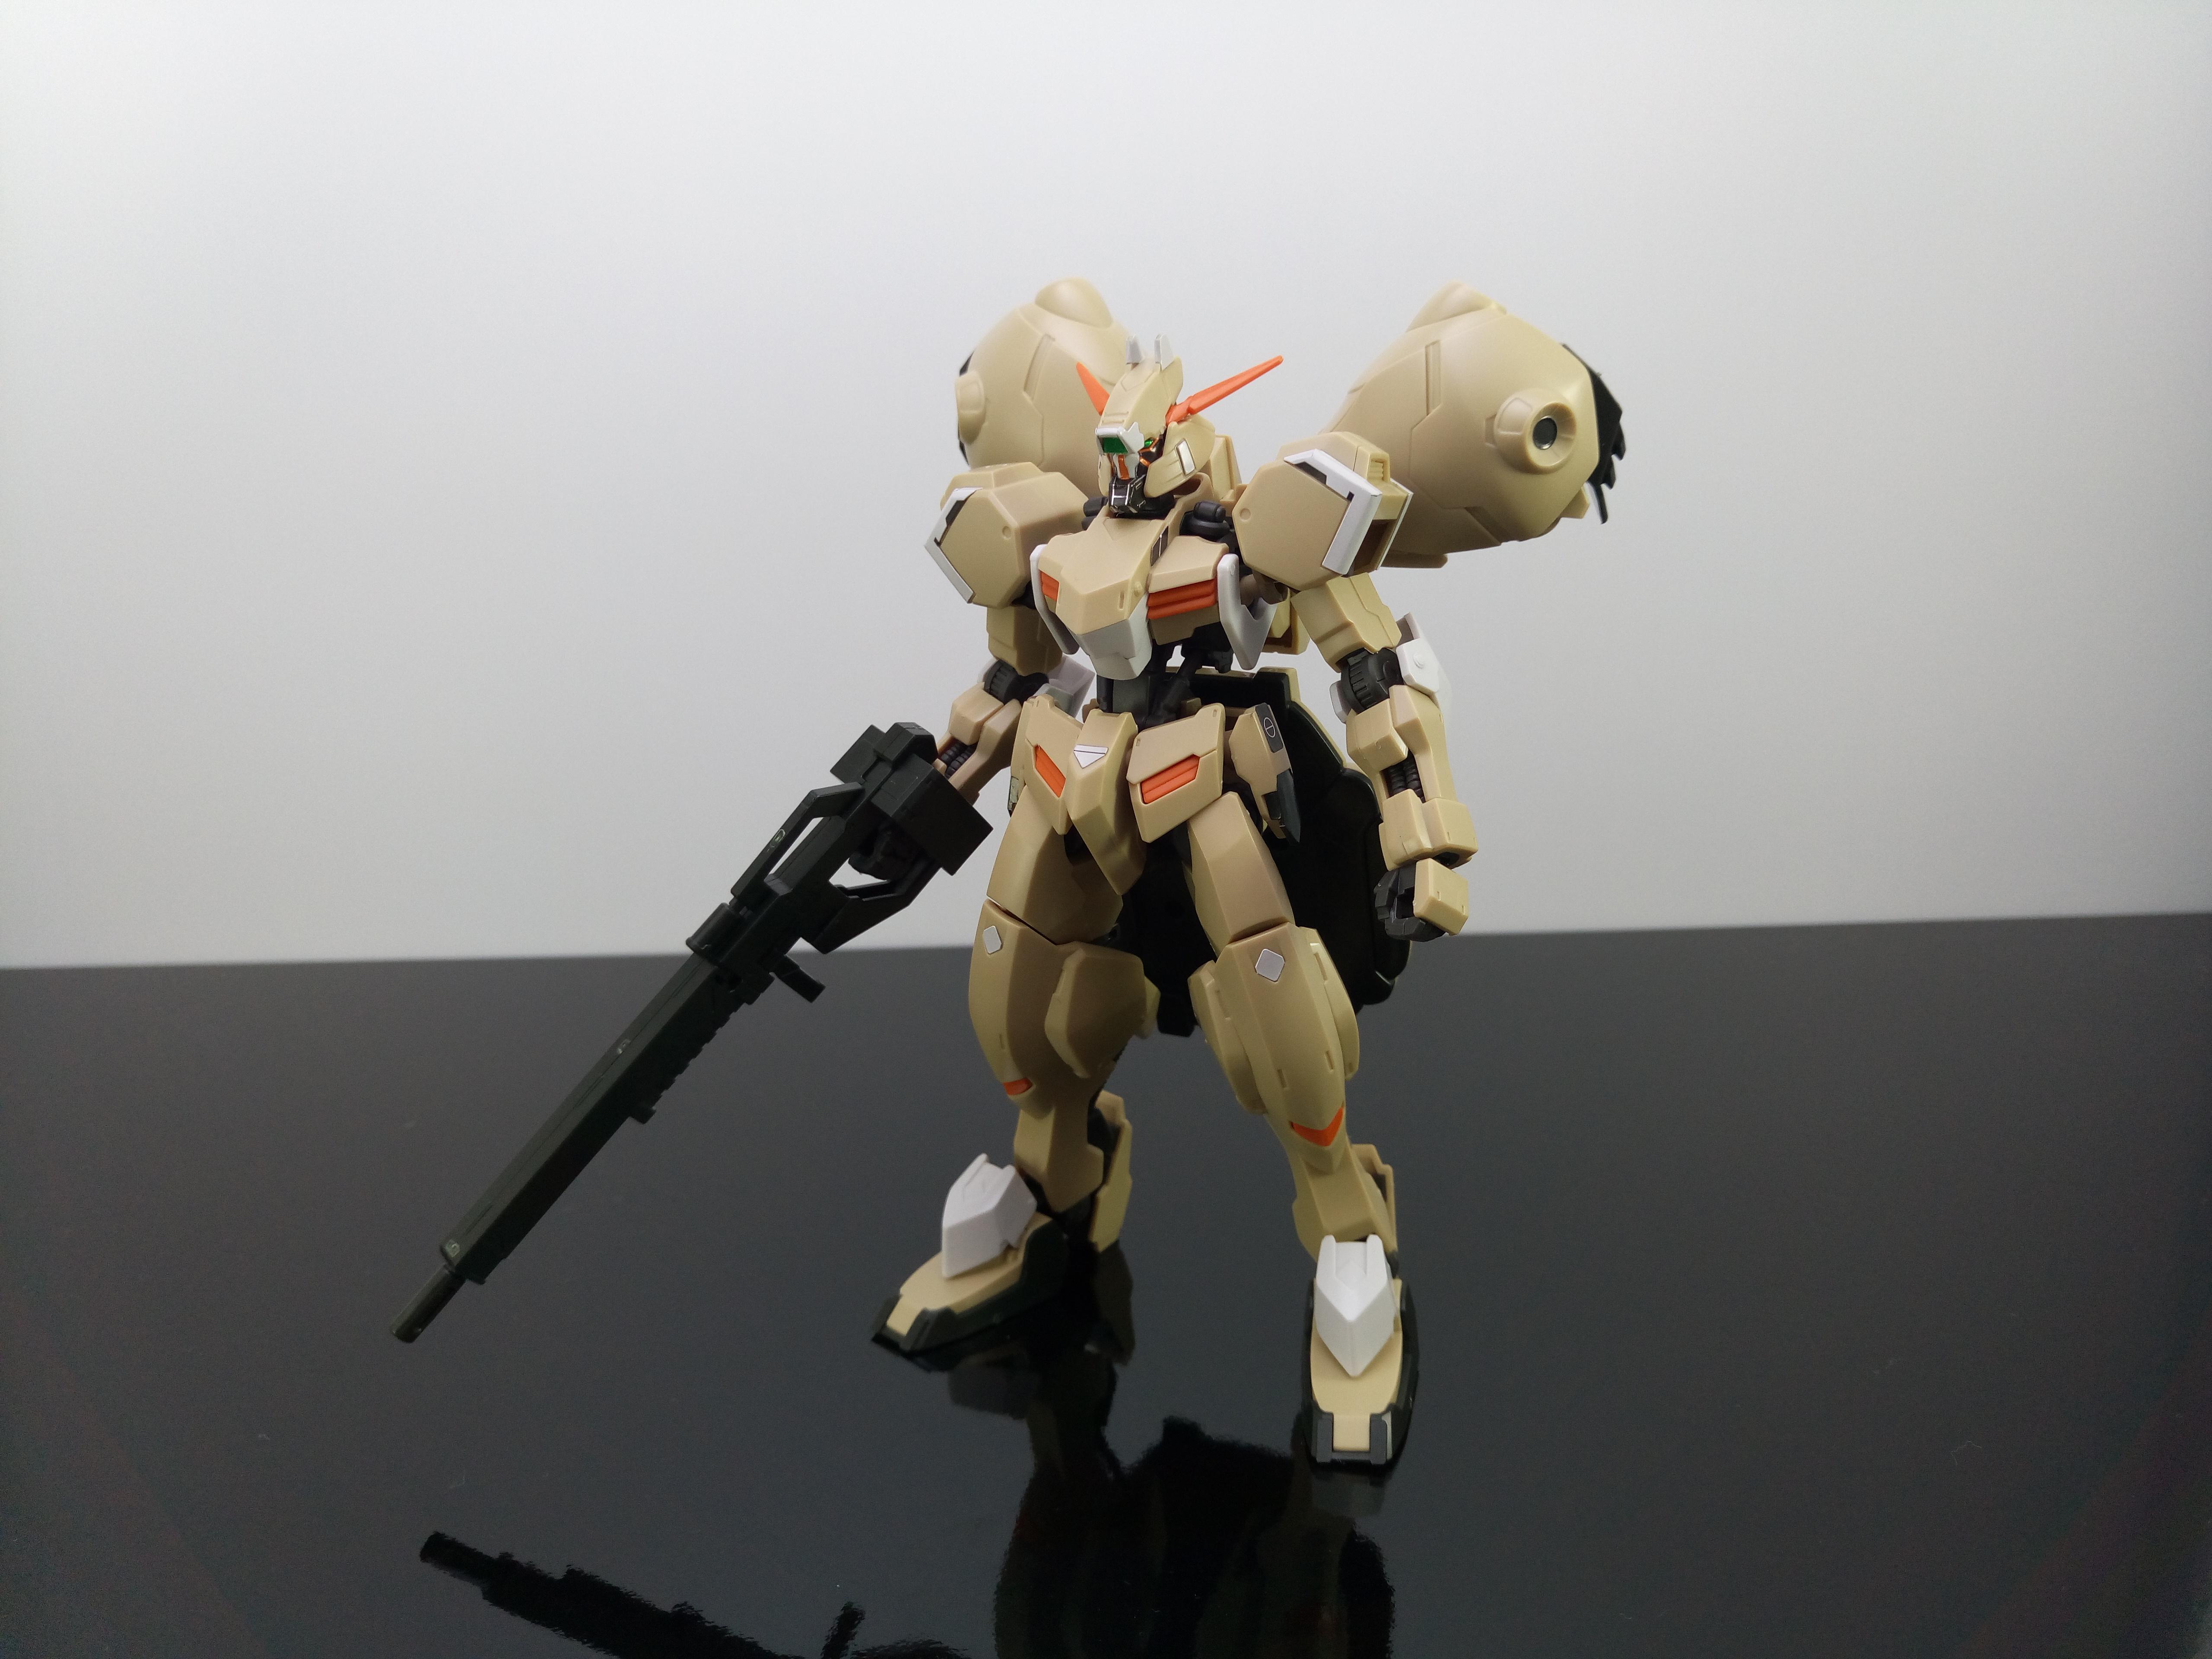 HG 1/144 ASW-G-11 ガンダムグシオンリベイク